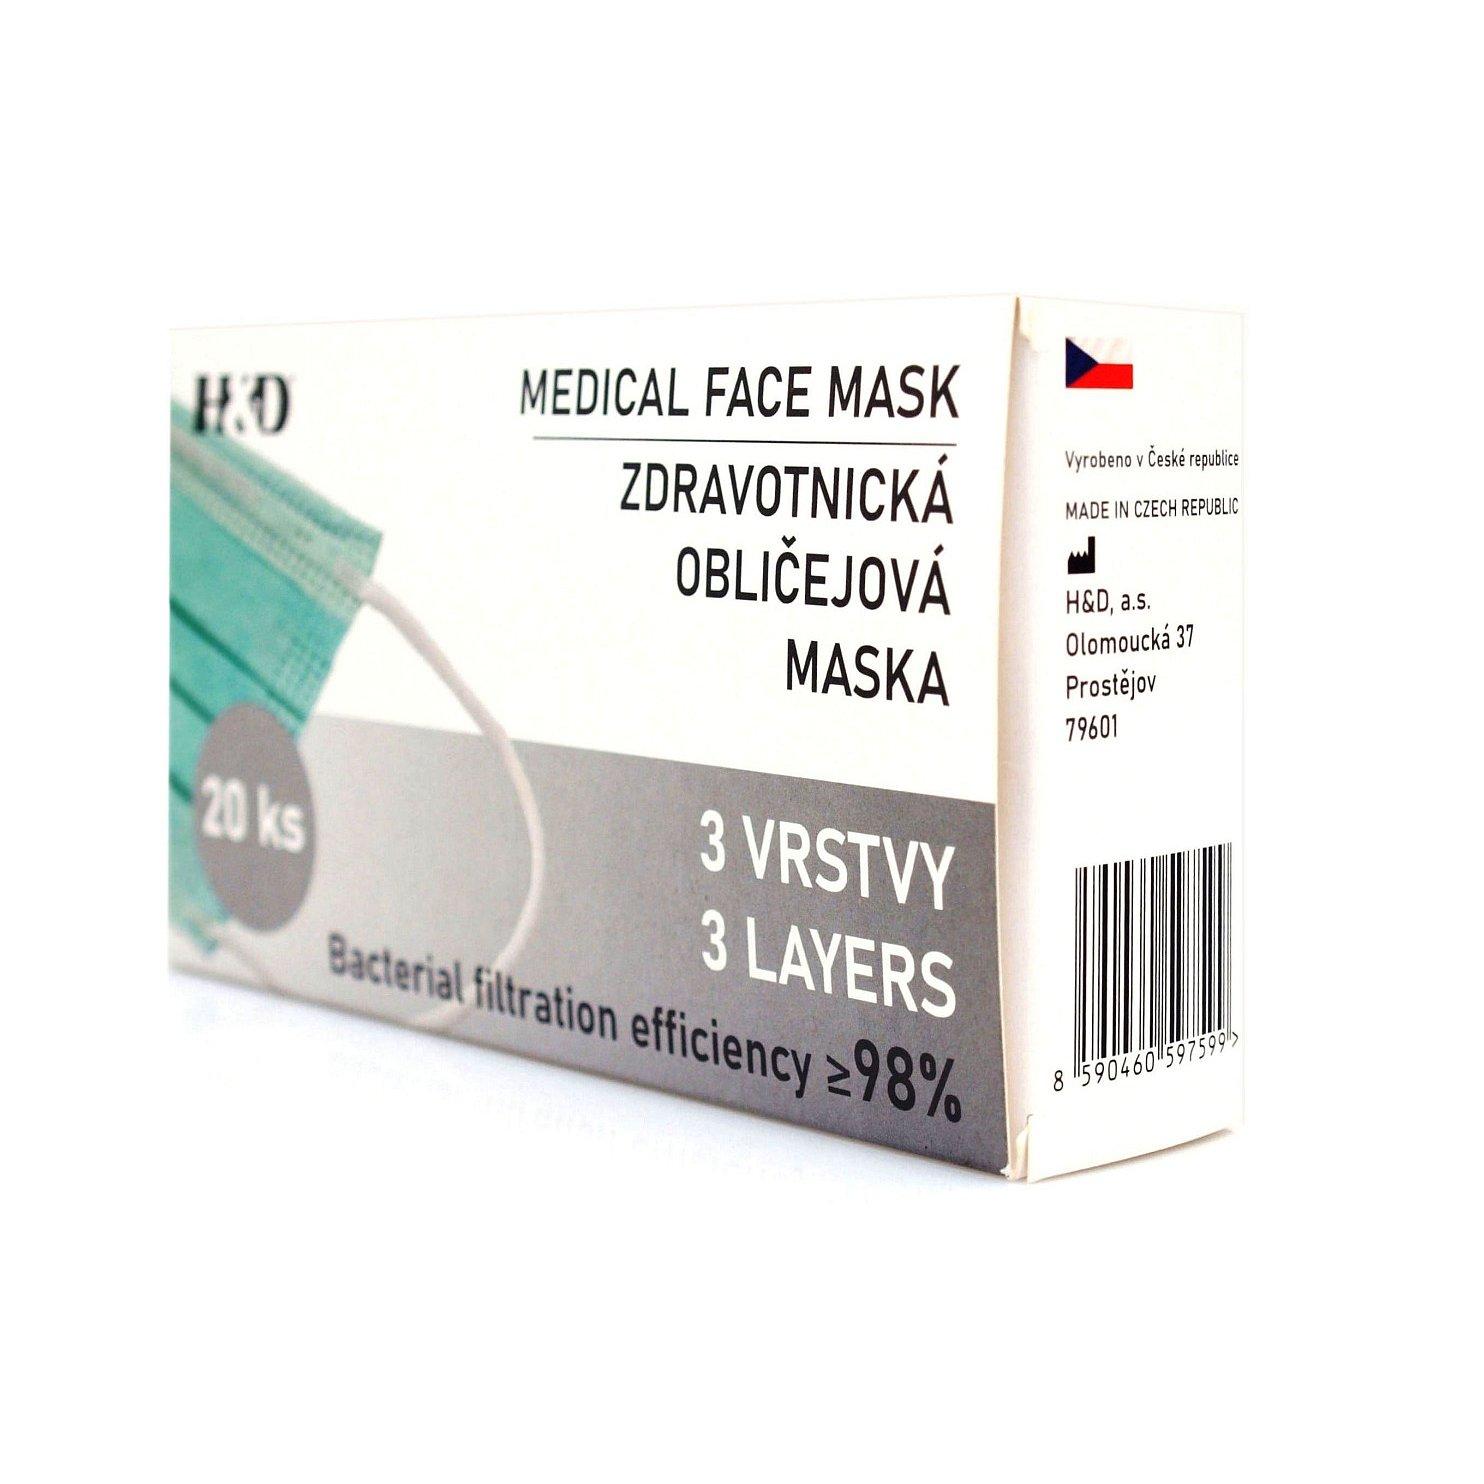 20x Zdravotnická obličejová maska - rouška BFE 98%